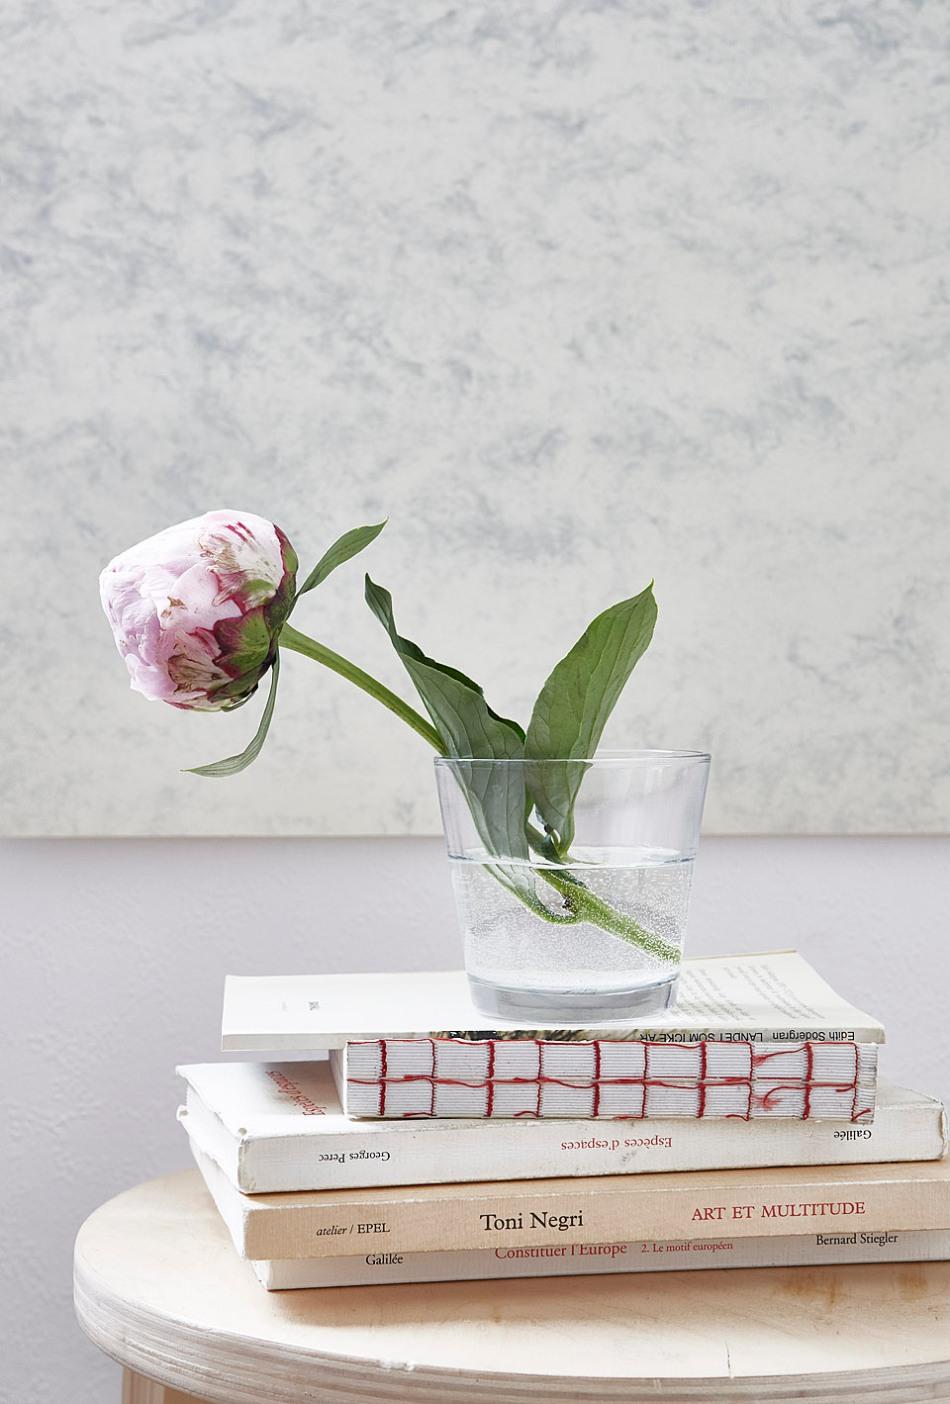 Enskede sovrum blomma marmorvägg böcker ro